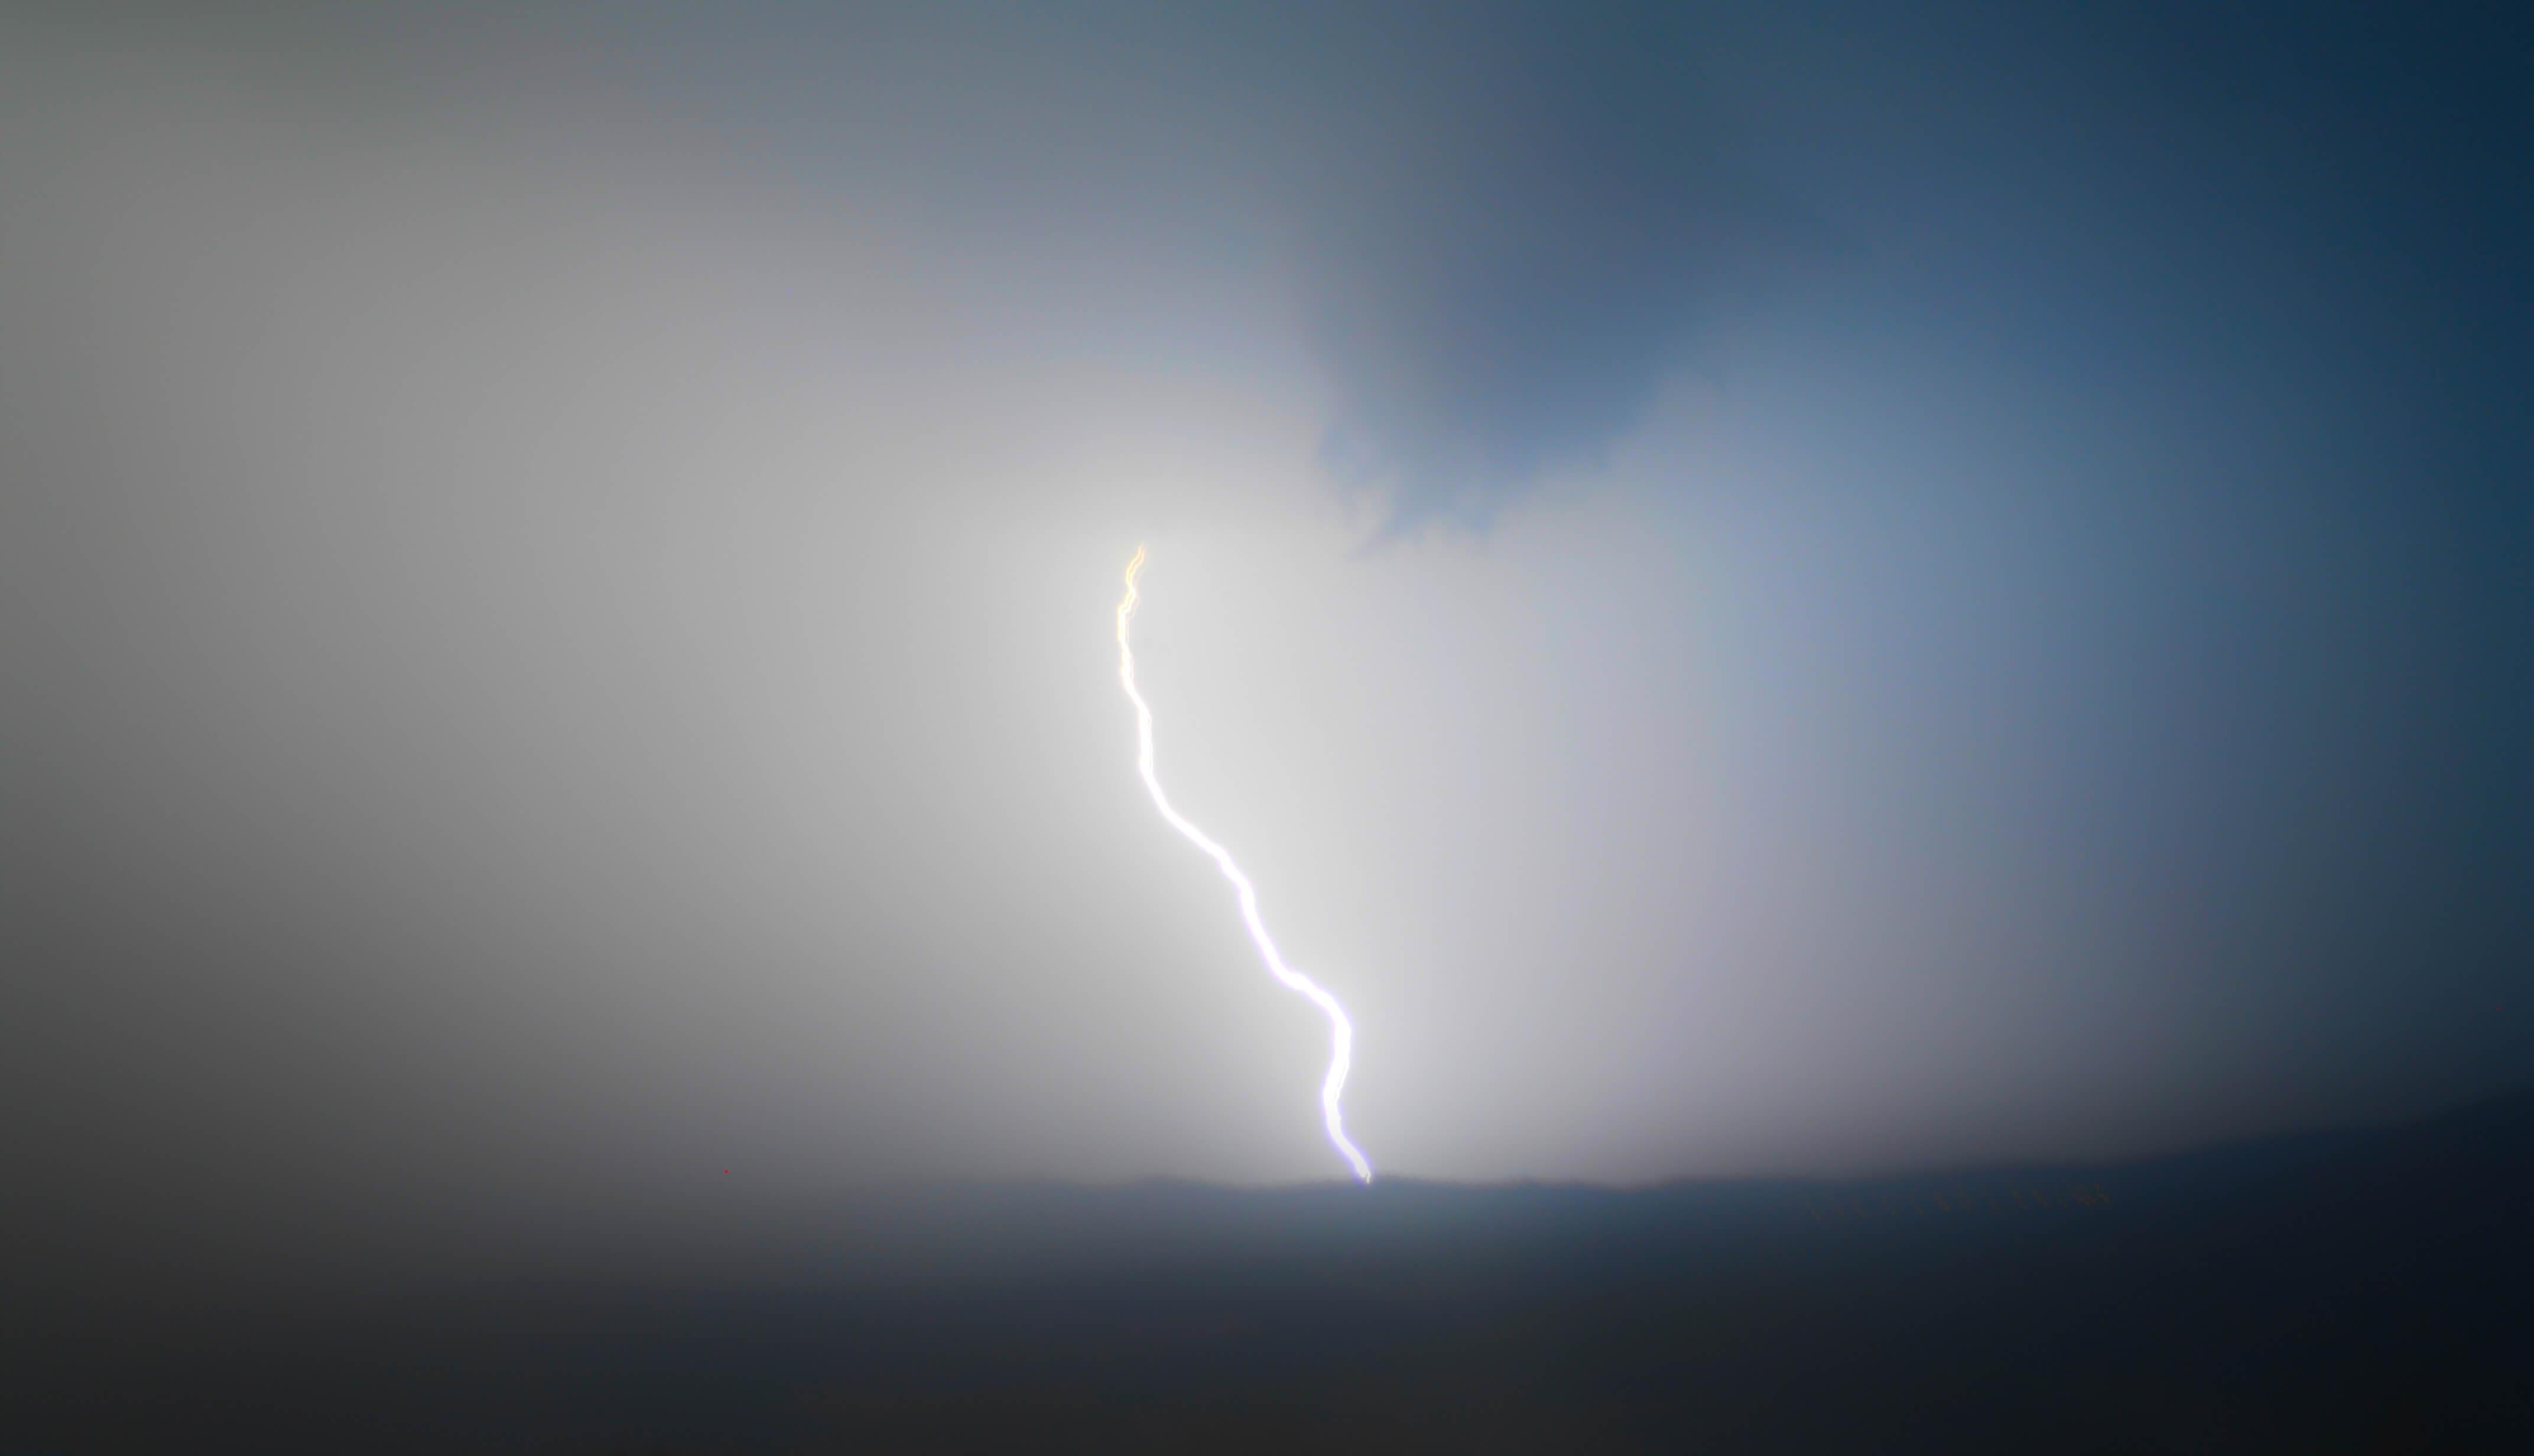 Καιρός: Έβρεξε… 120 κεραυνούς σε 10 ώρες! Δείτε ποια περιοχή έκανε ρεκόρ βροχής